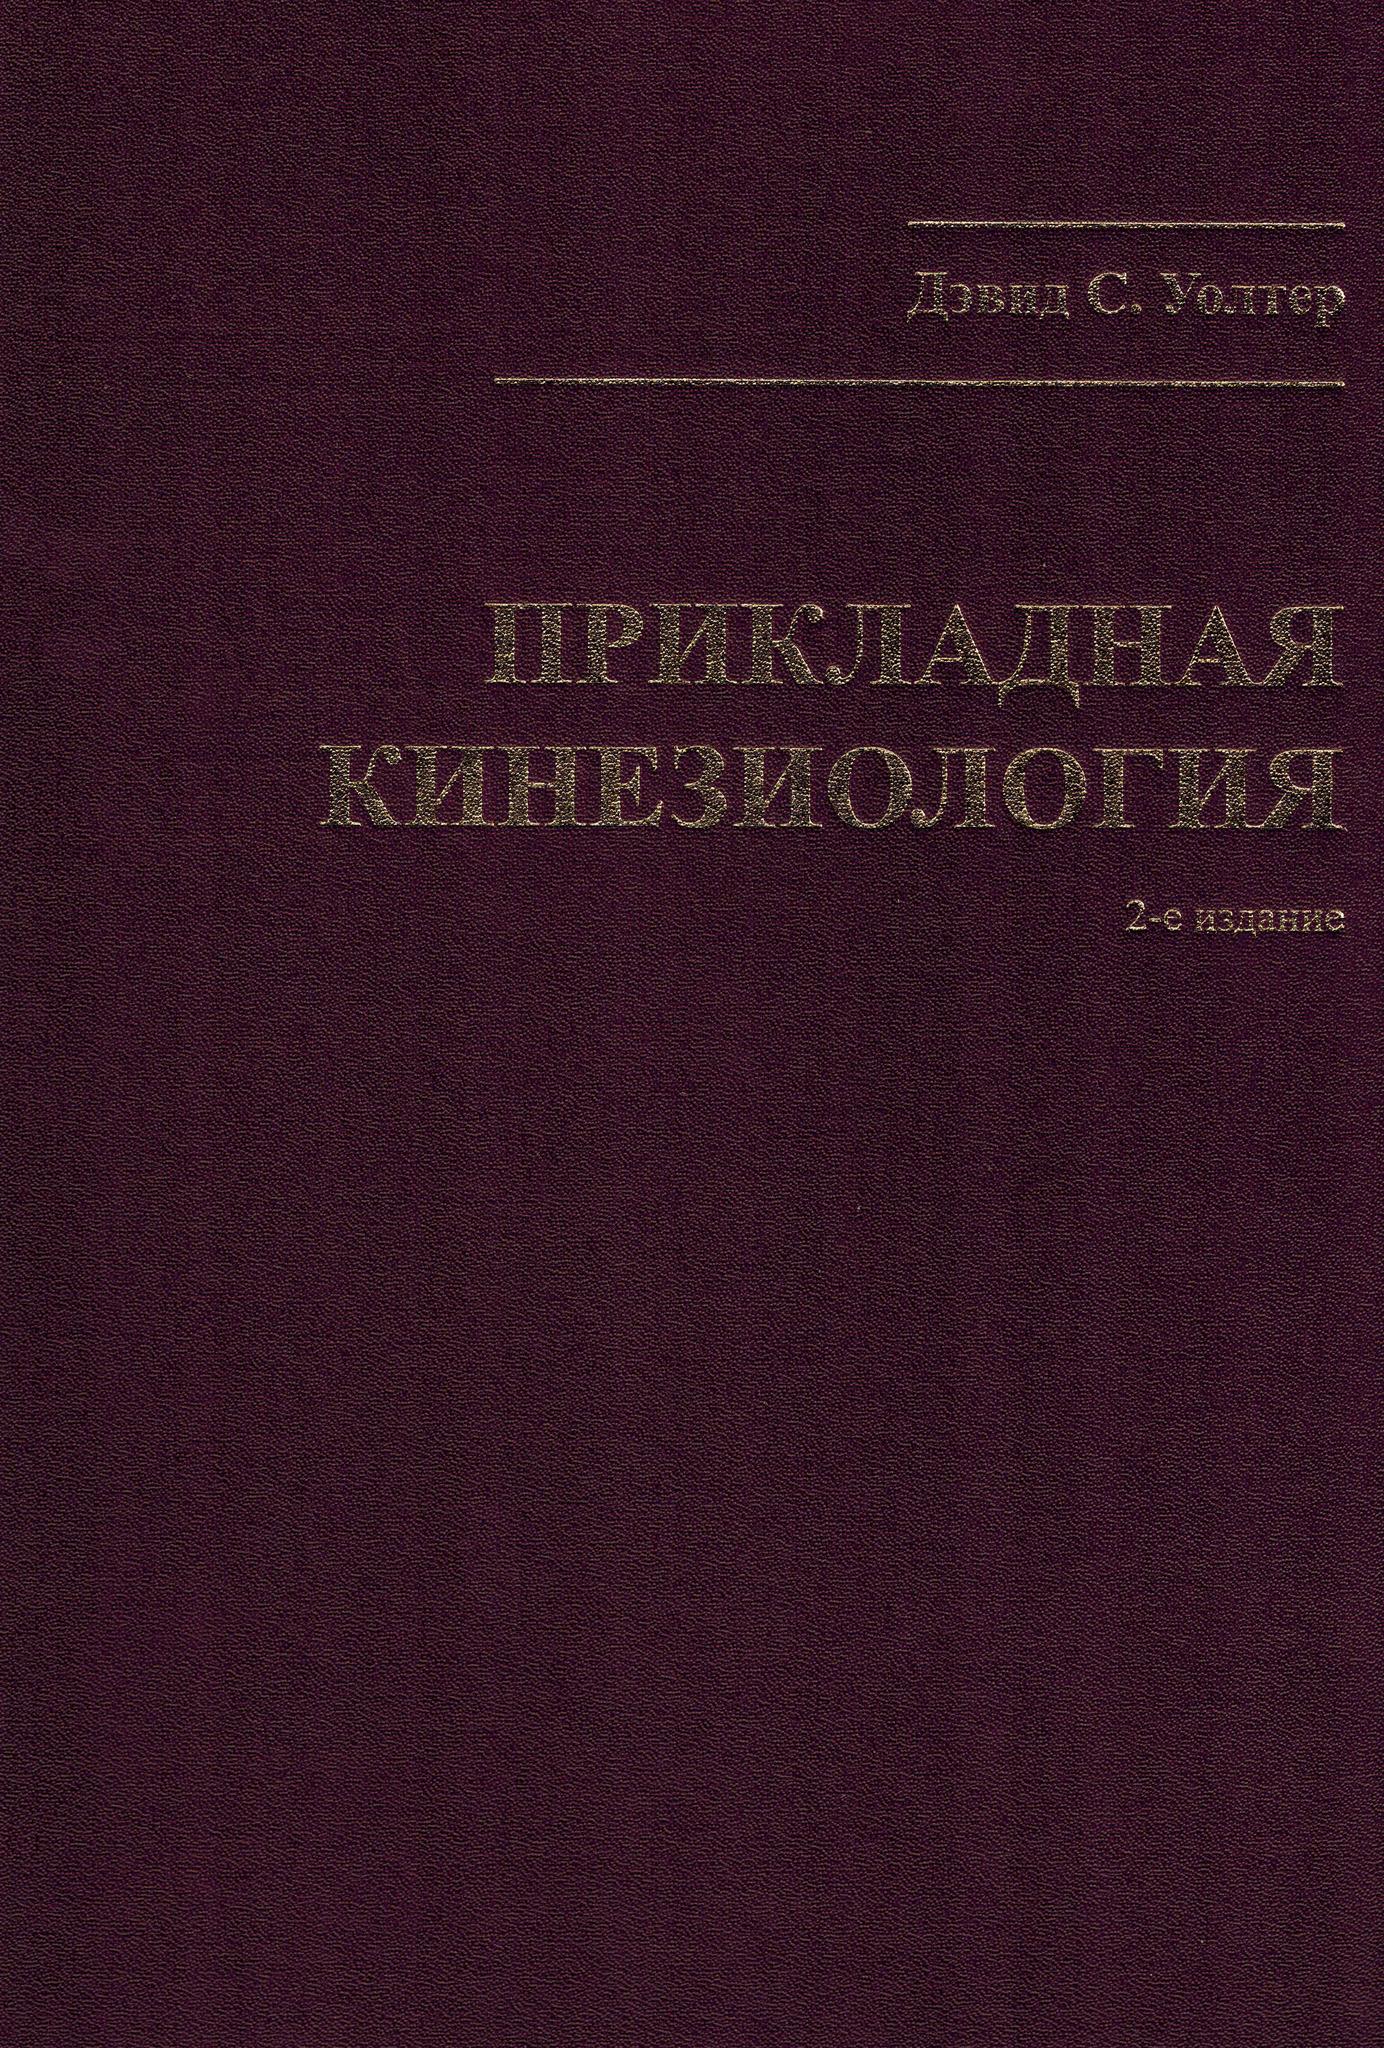 Новинки Прикладная кинезиология prikl_kinez.jpg